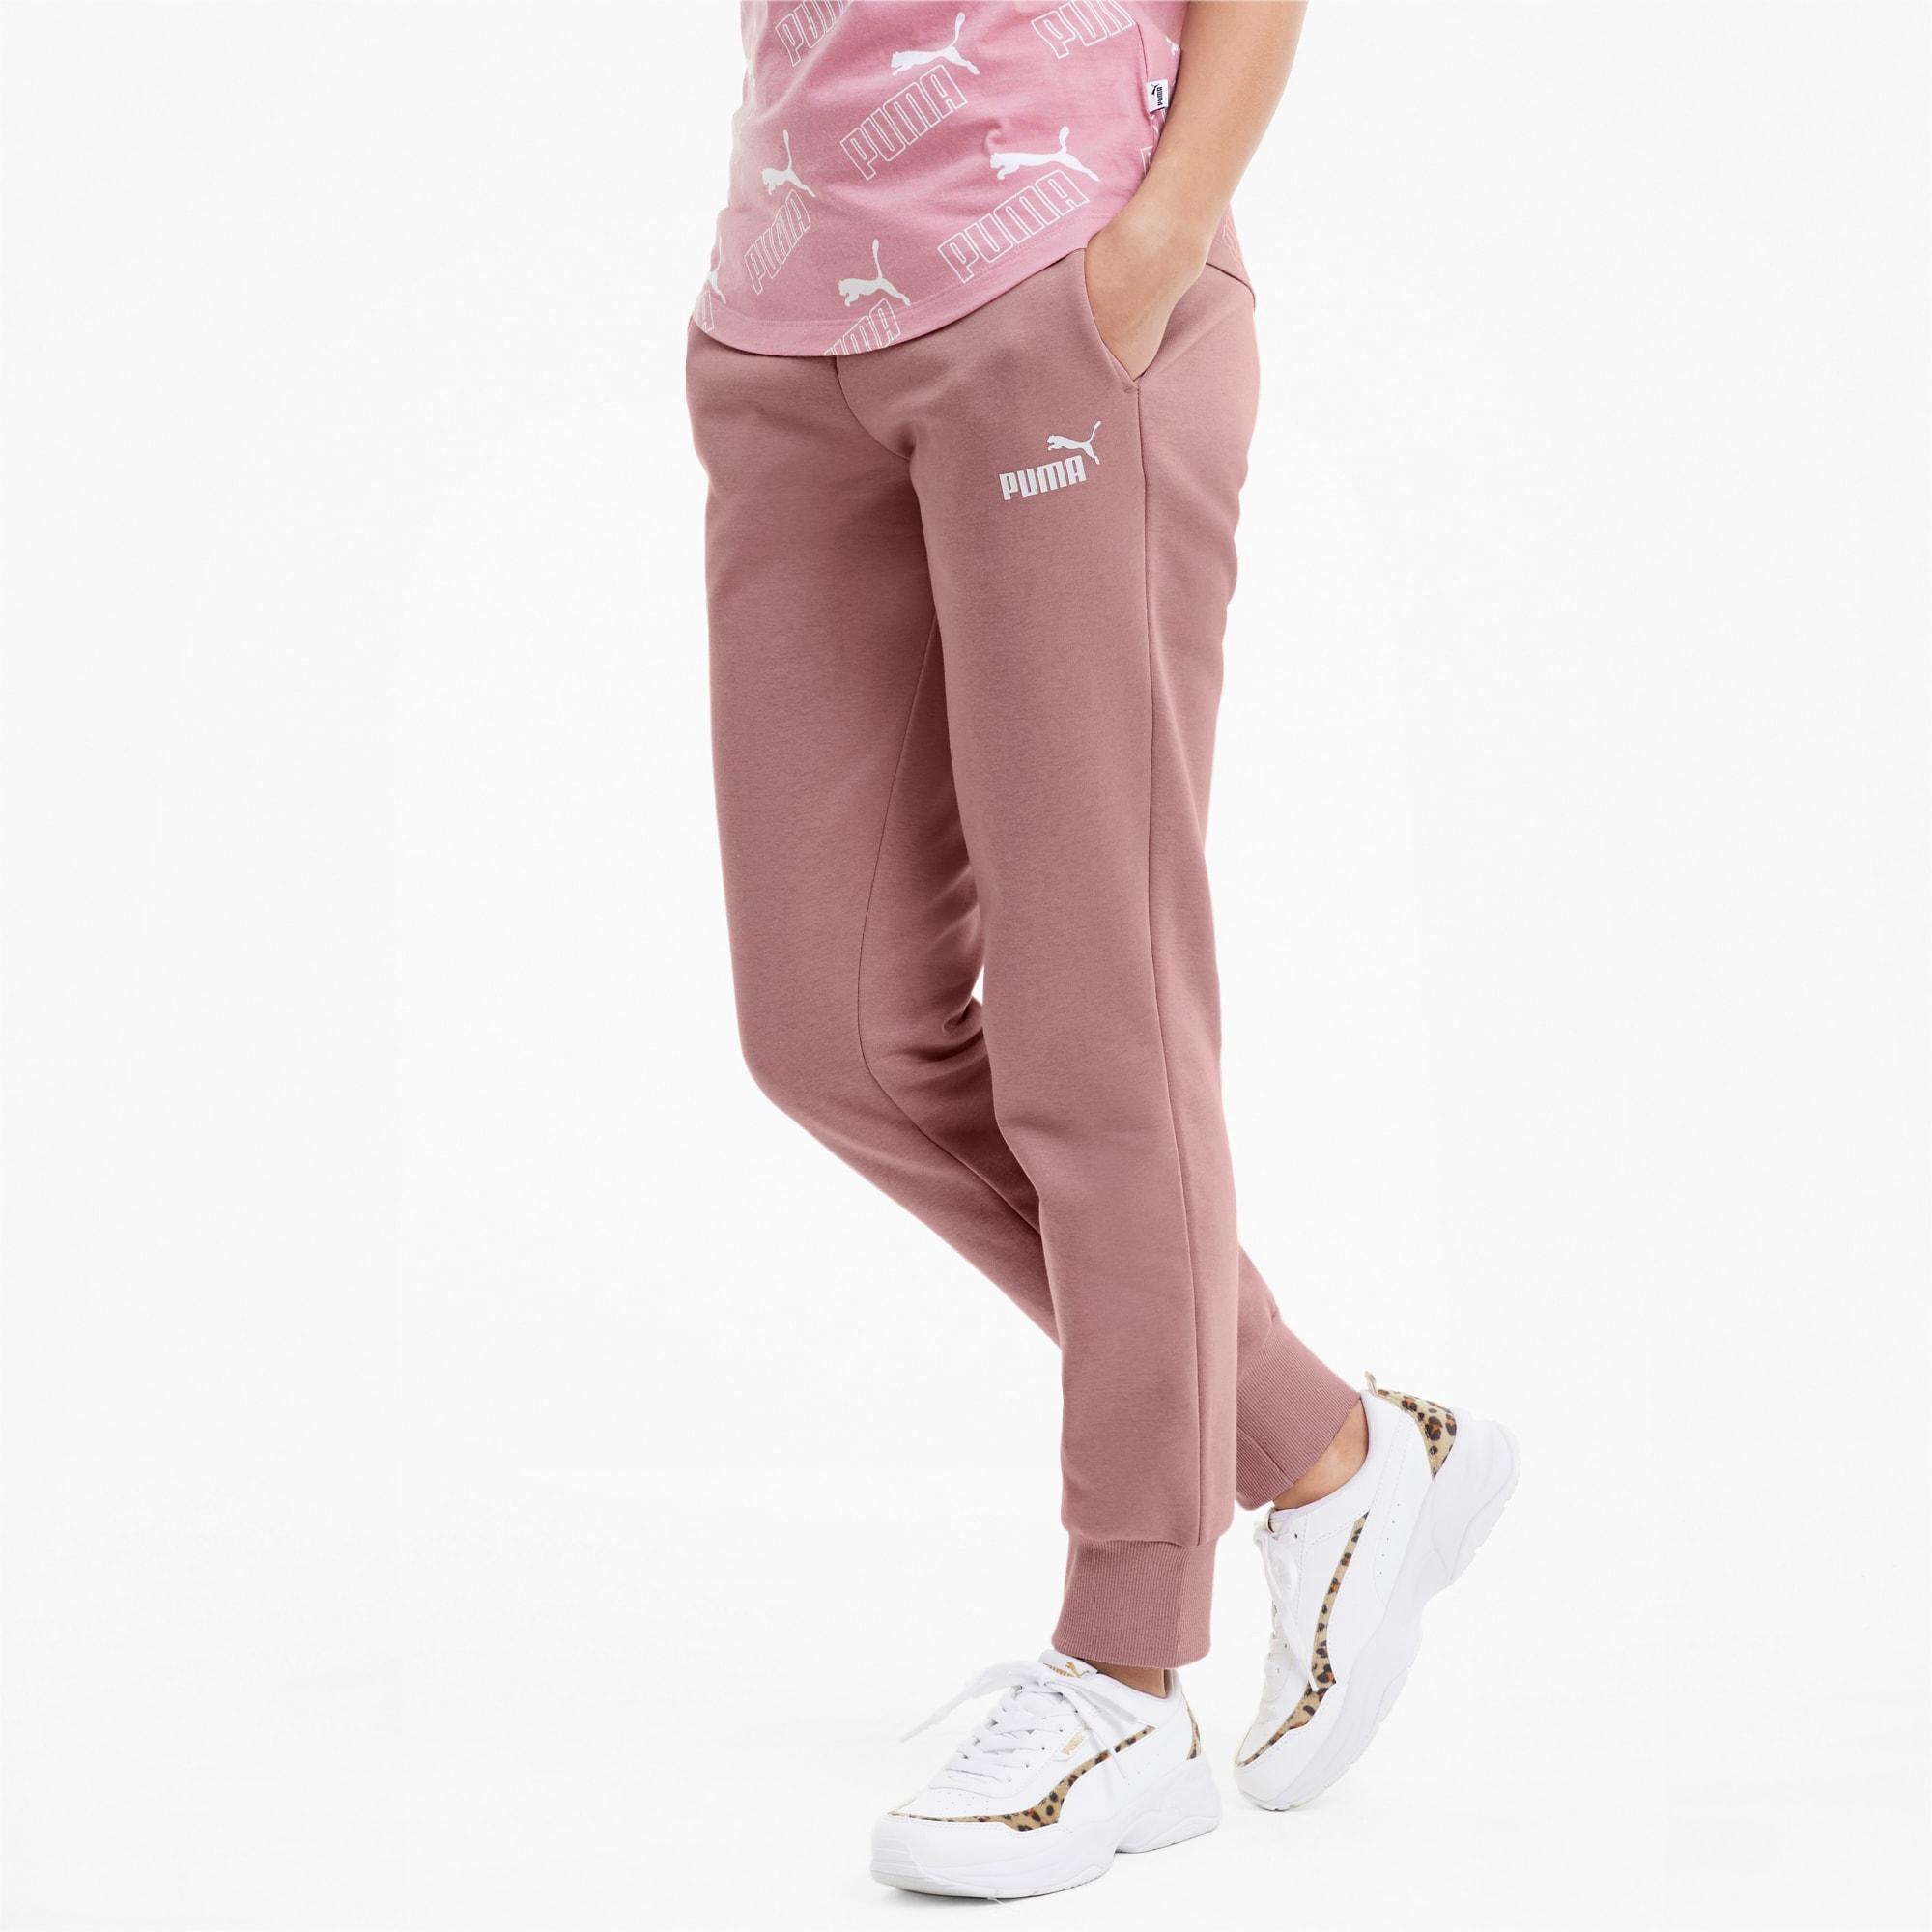 Pantalones De Deporte Essentials De Forro Polar Para Mujer Puma Shoes Puma Espana